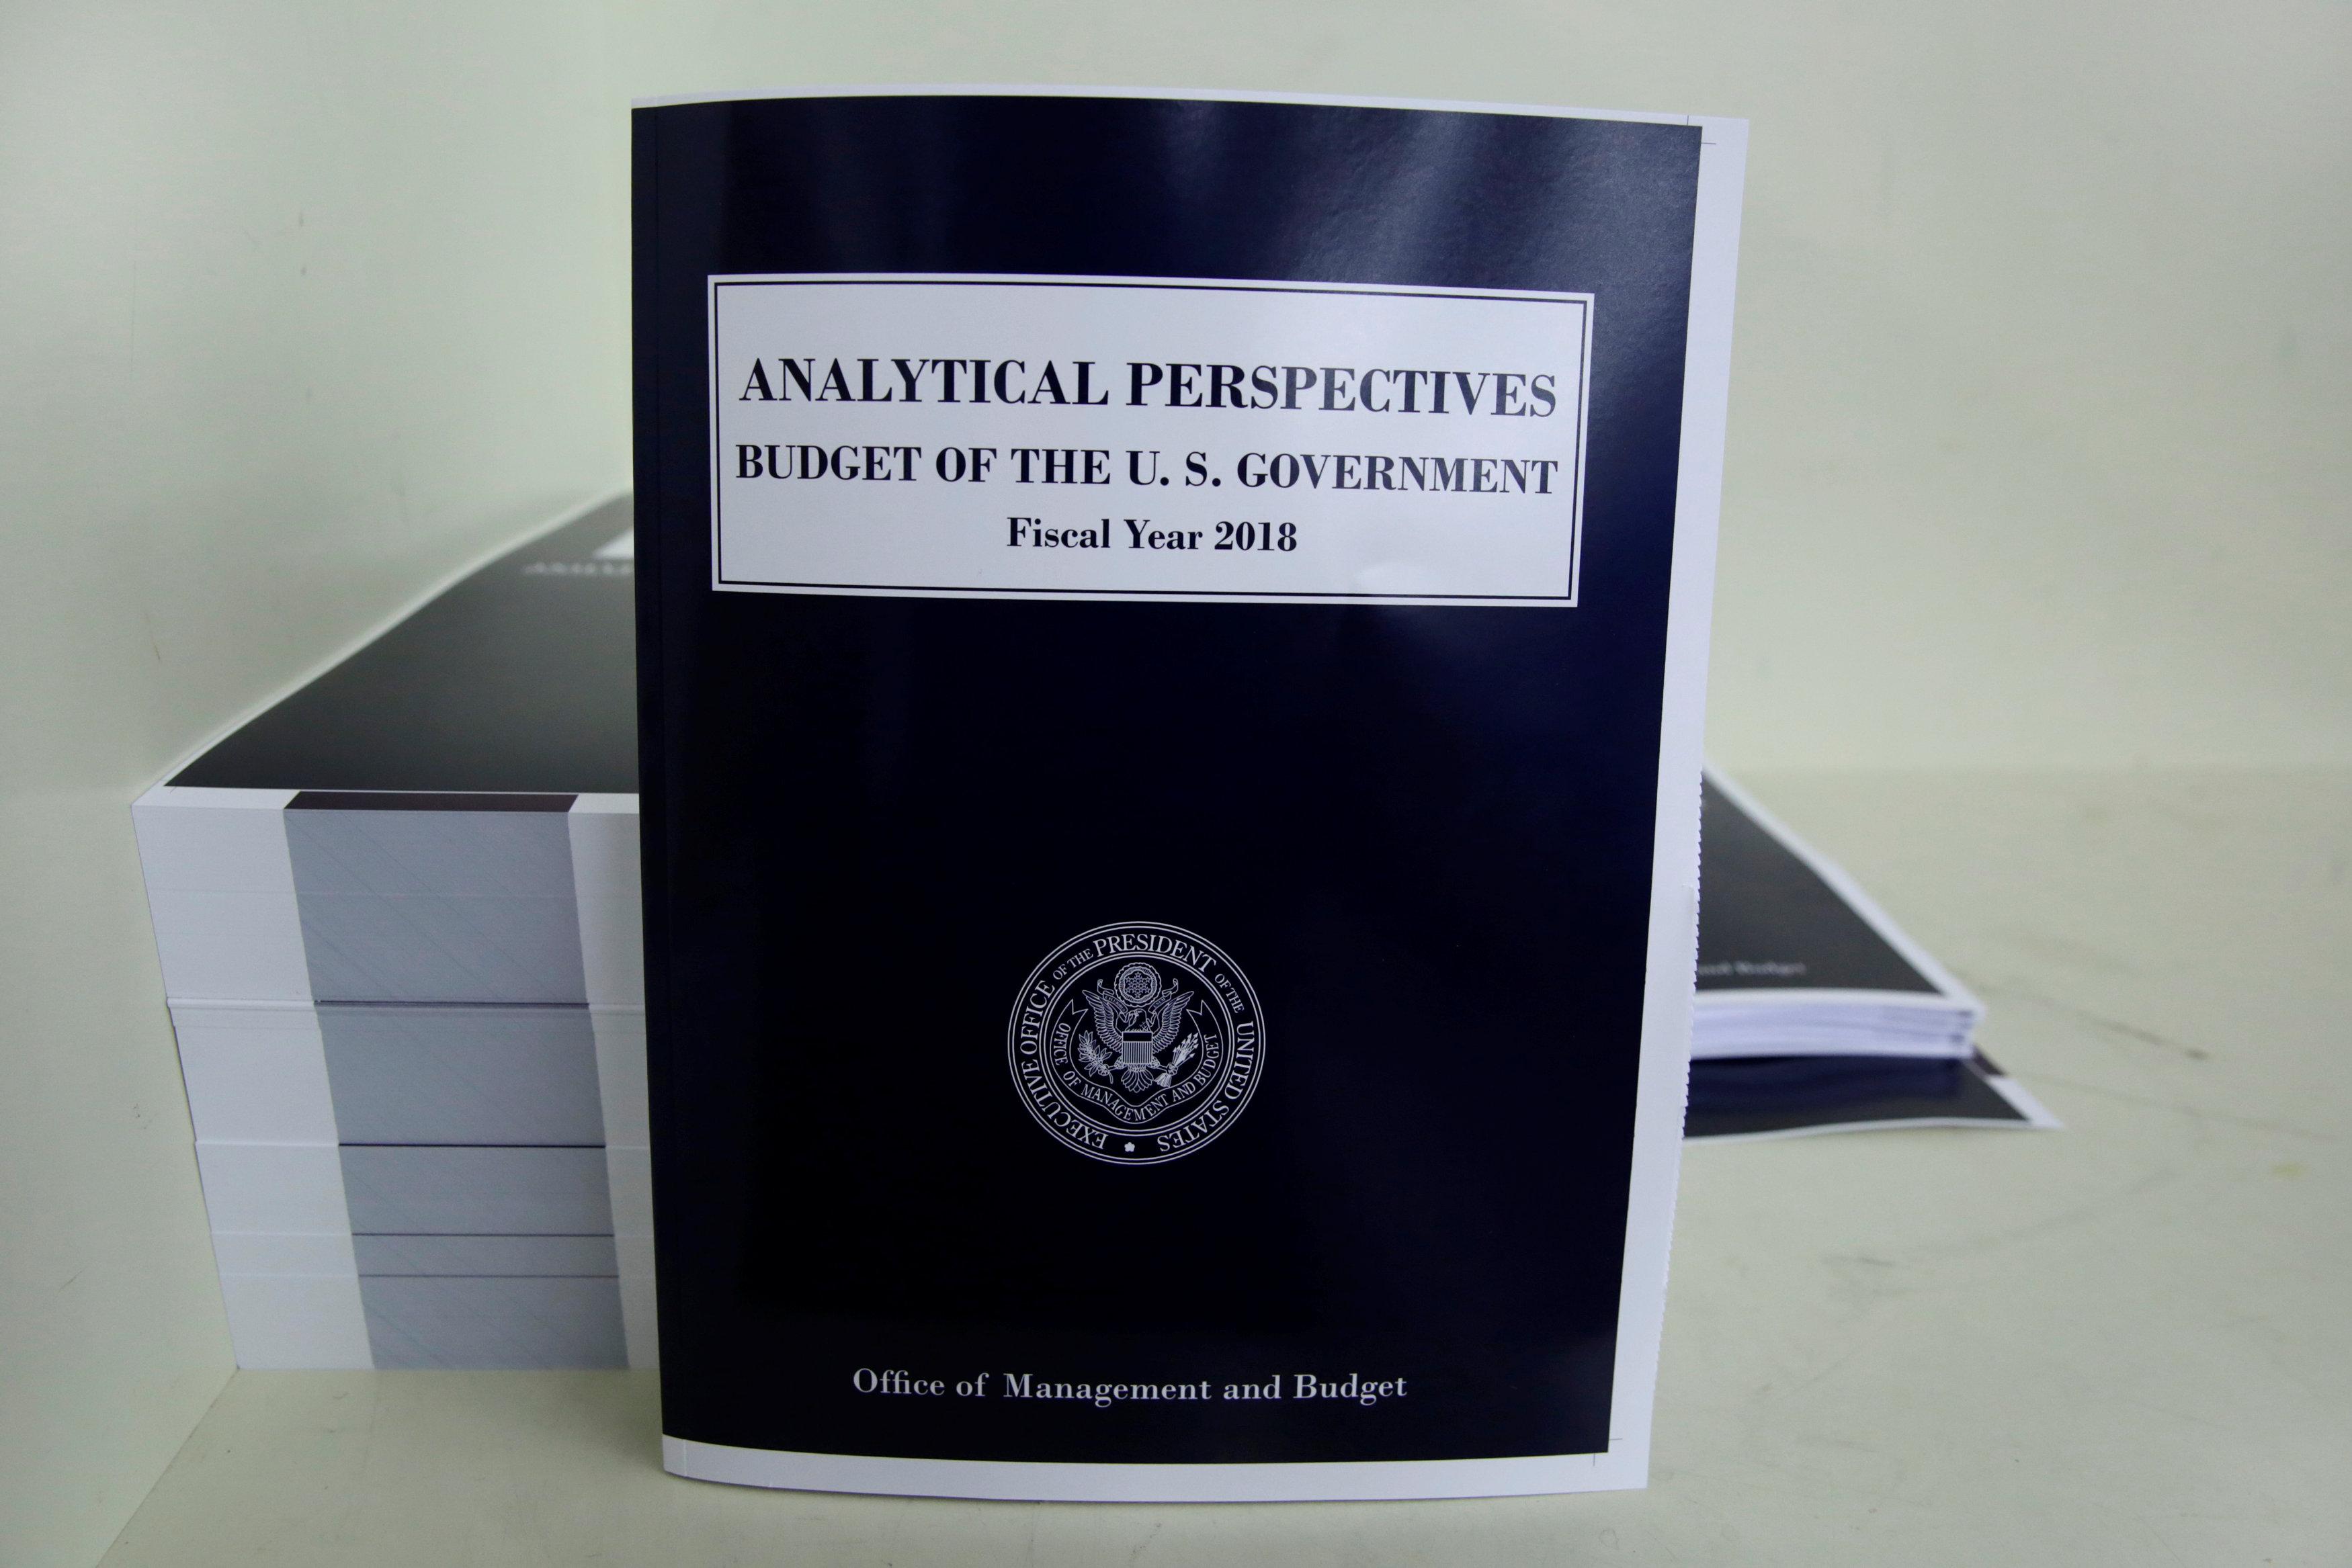 كتاب الميزانية المالية لعام 2018 لترامب